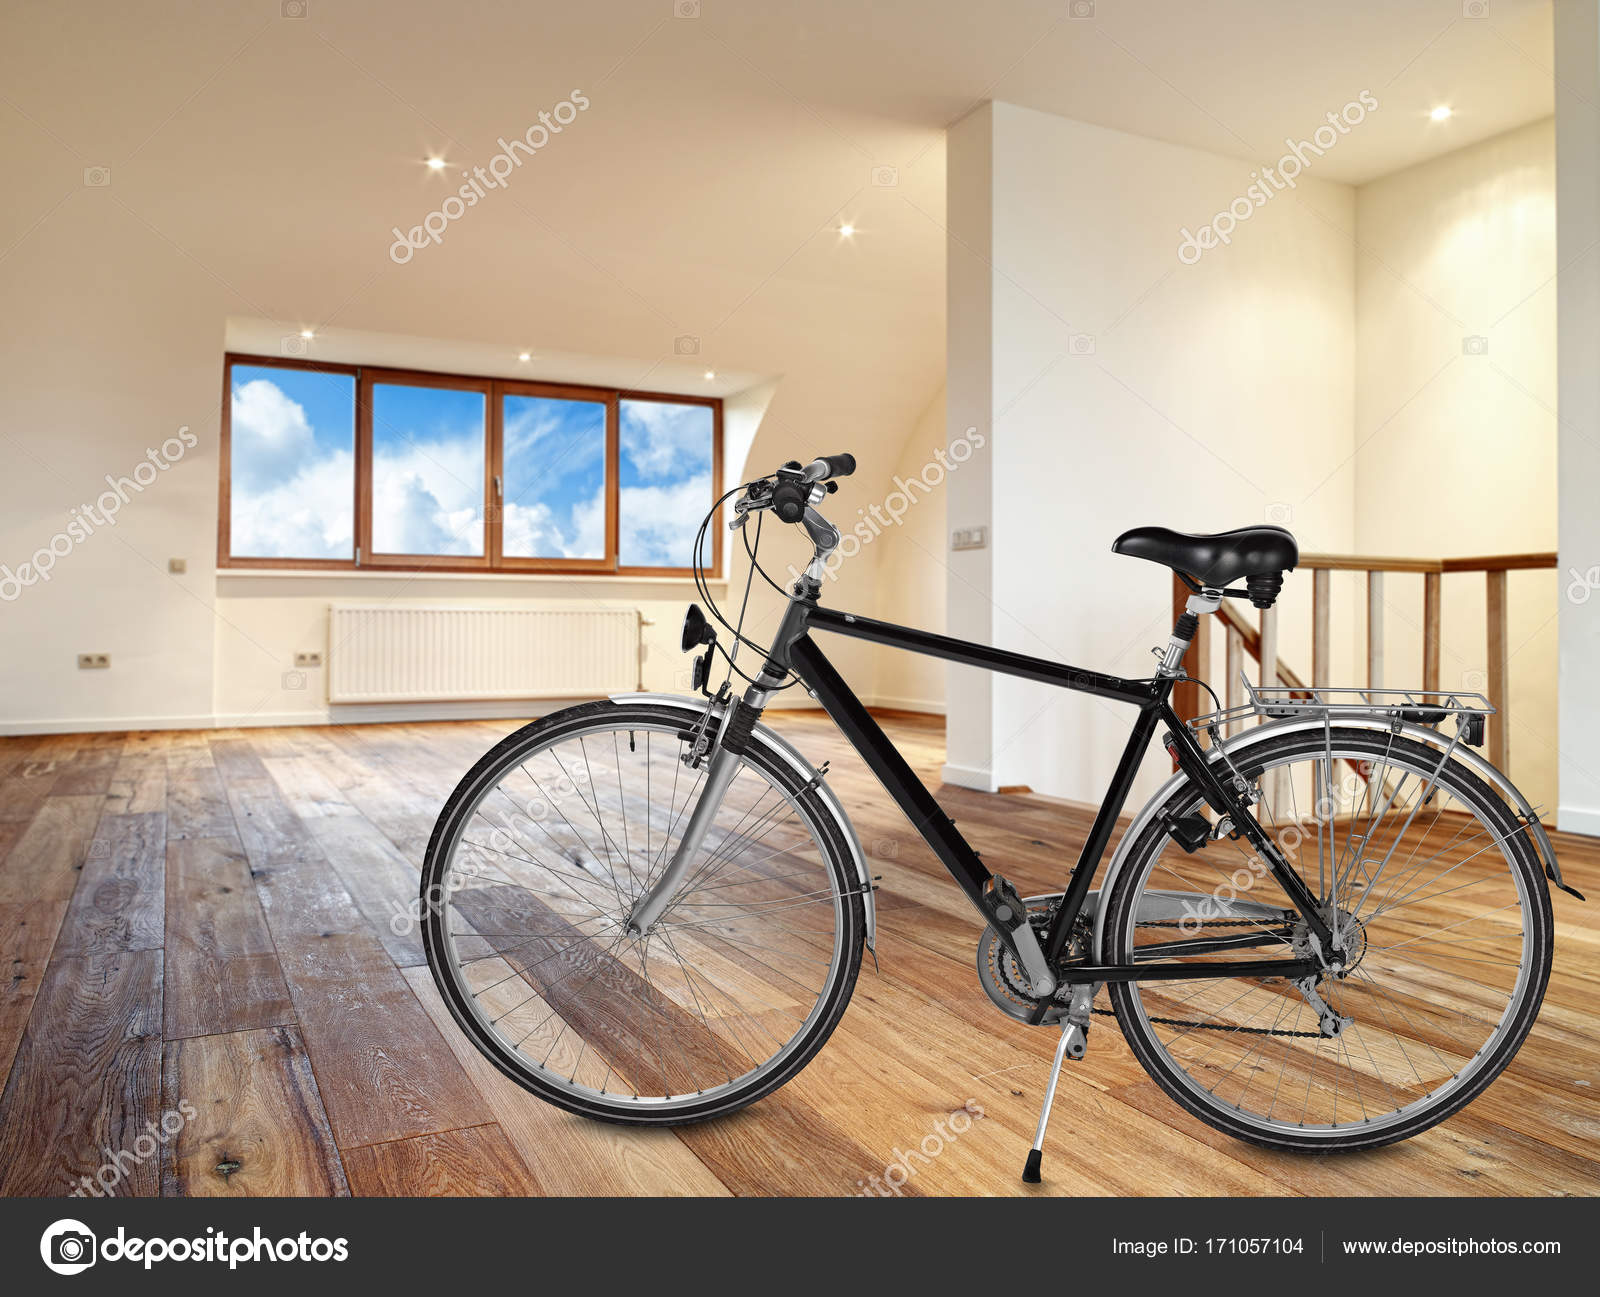 Meno di euro per trasformare qualsiasi bici in una bicicletta